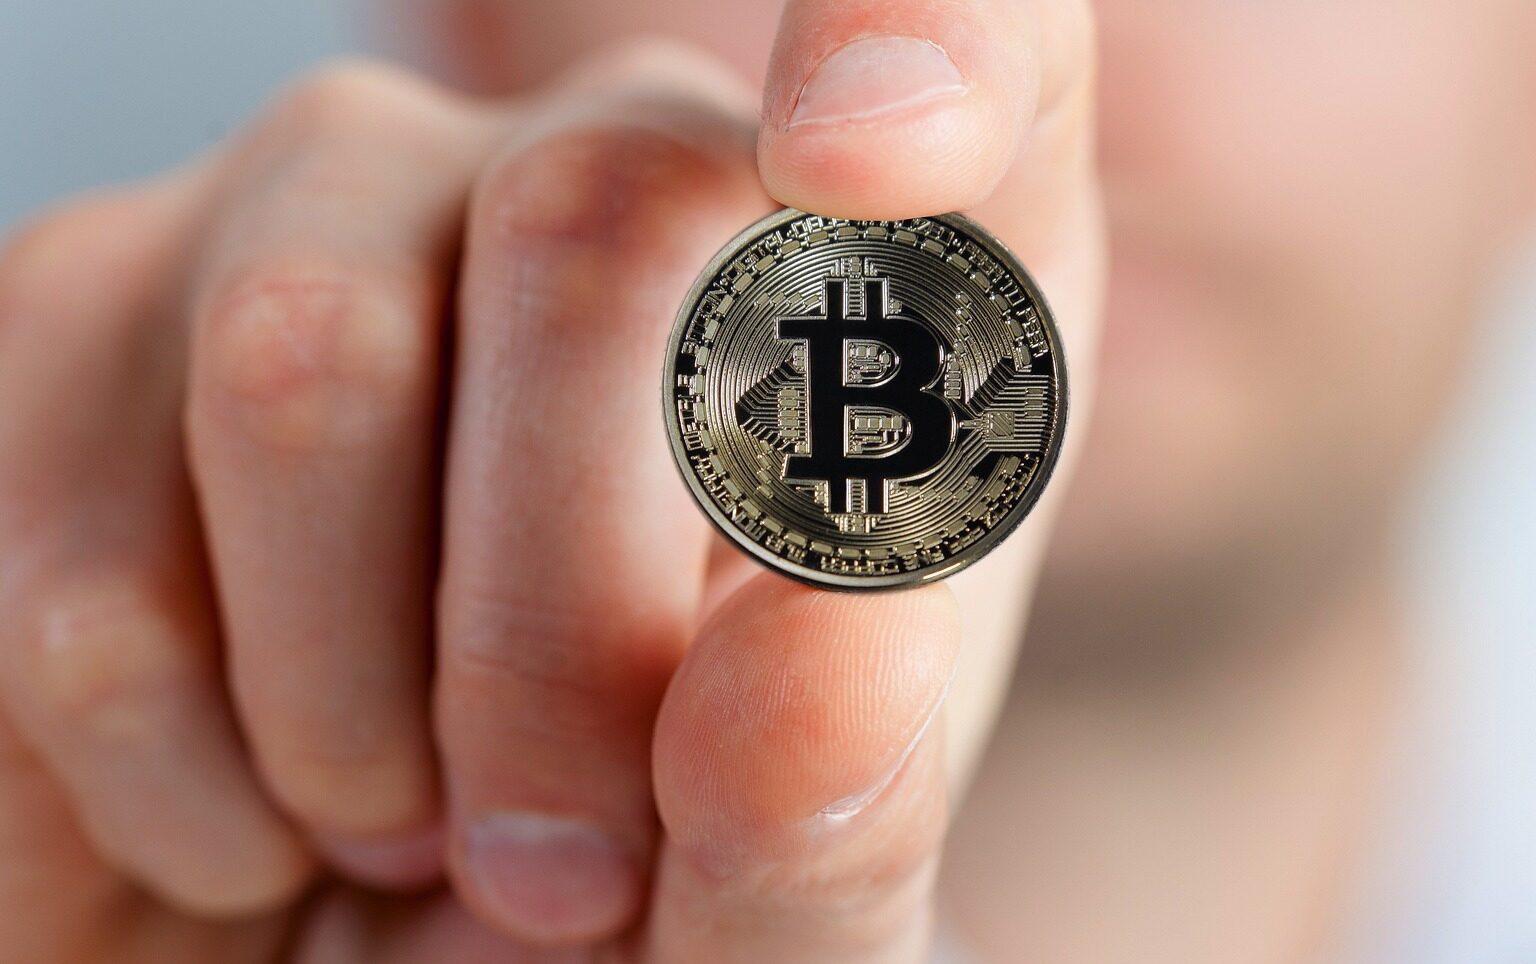 Usuario de Reddit recuperó el acceso a su billetera de Bitcoin tras ocho años y vende todas sus tenencias por más de 4 millones de dólares